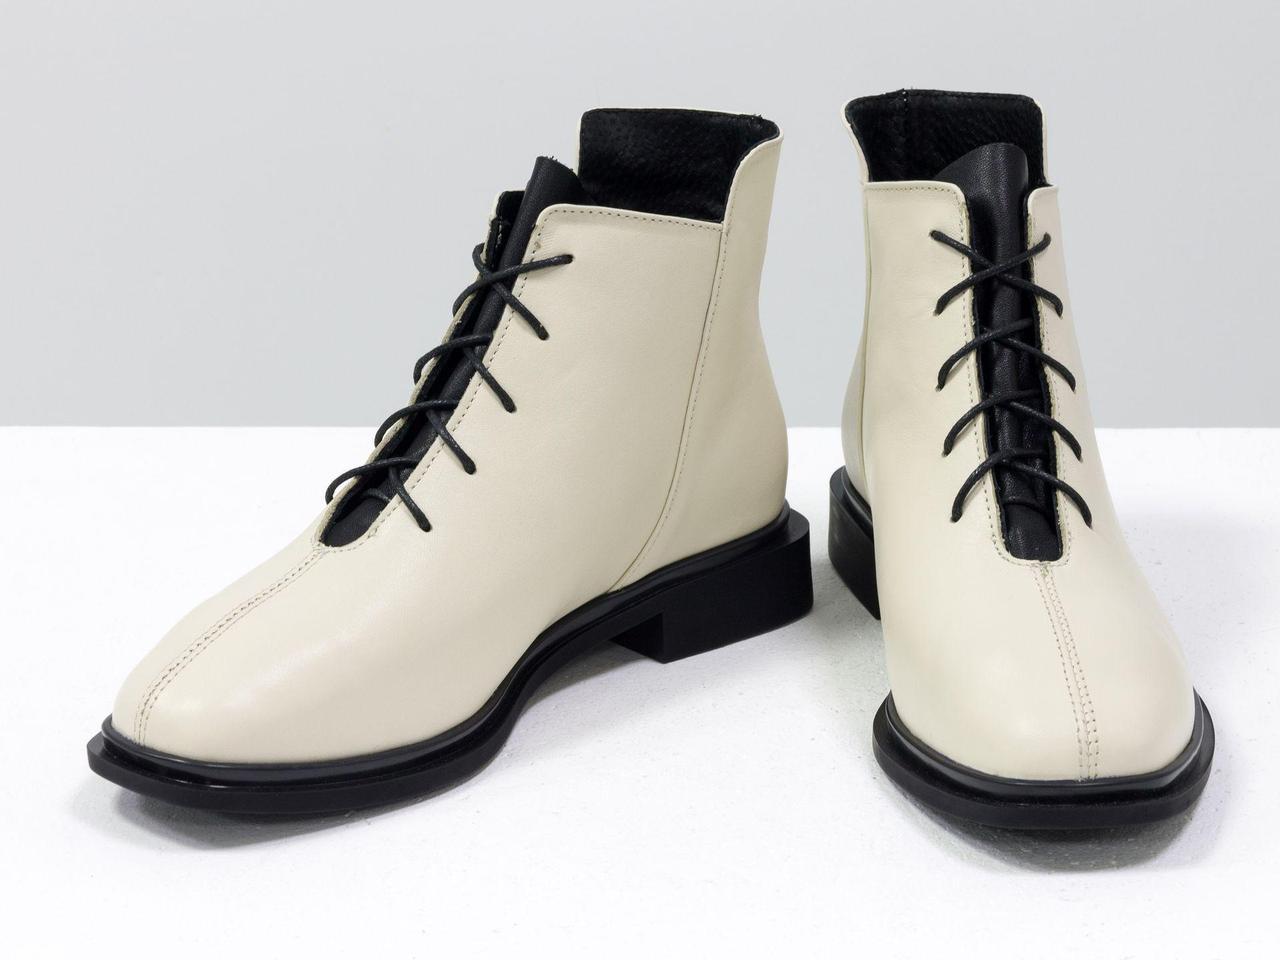 Ботинки молочного и черного цвета из итальянской натуральной матовой кожи